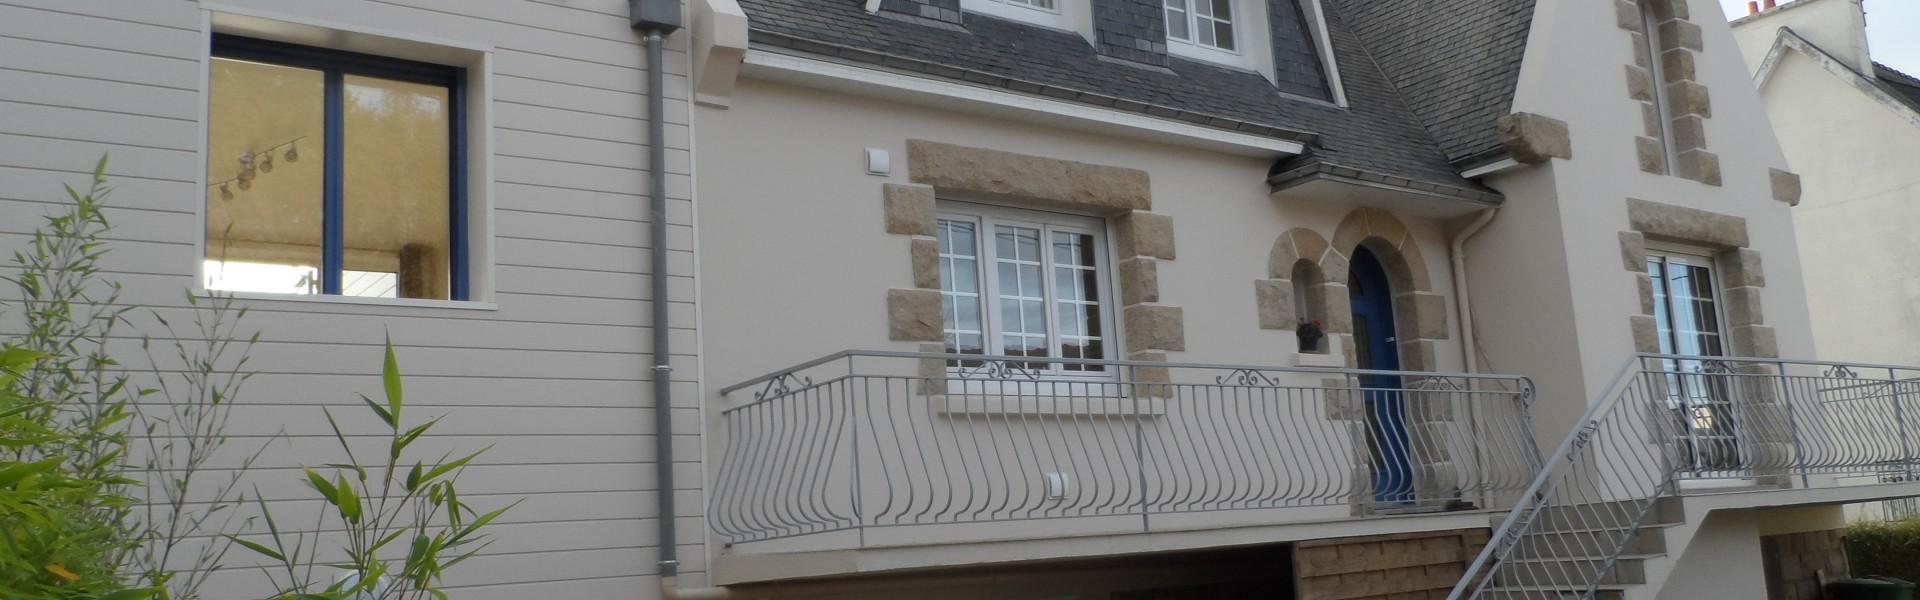 Agrandissement Maison Néo Bretonne rénovation et extension d'une maison néo-bretonne - guilbaud sas